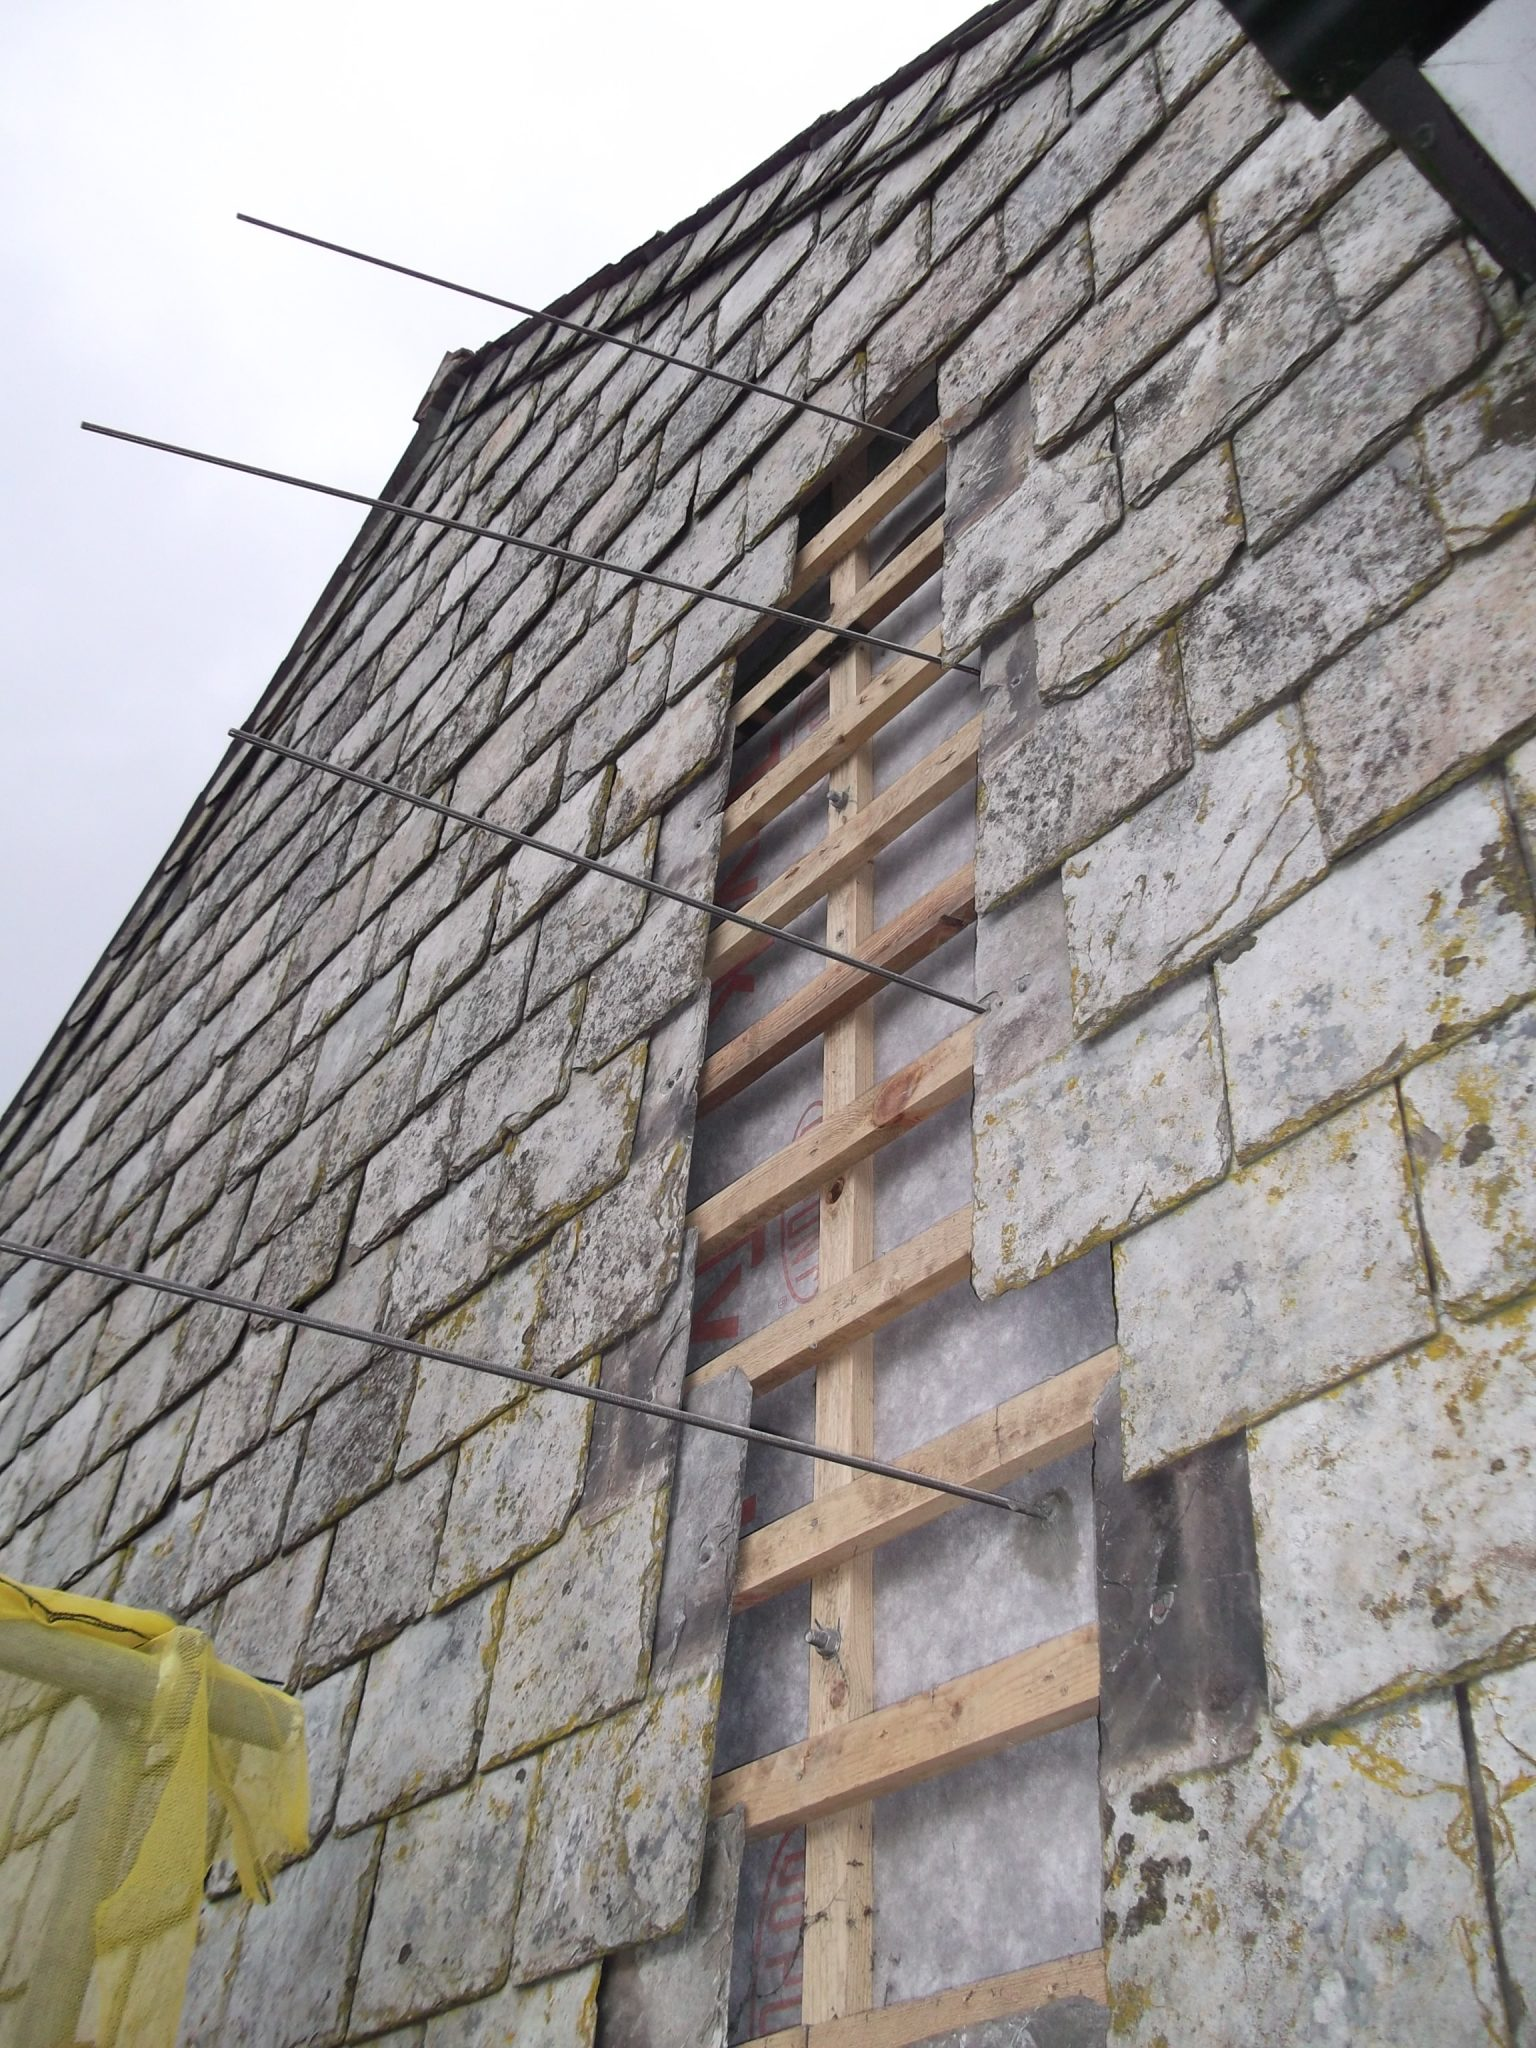 During repairs